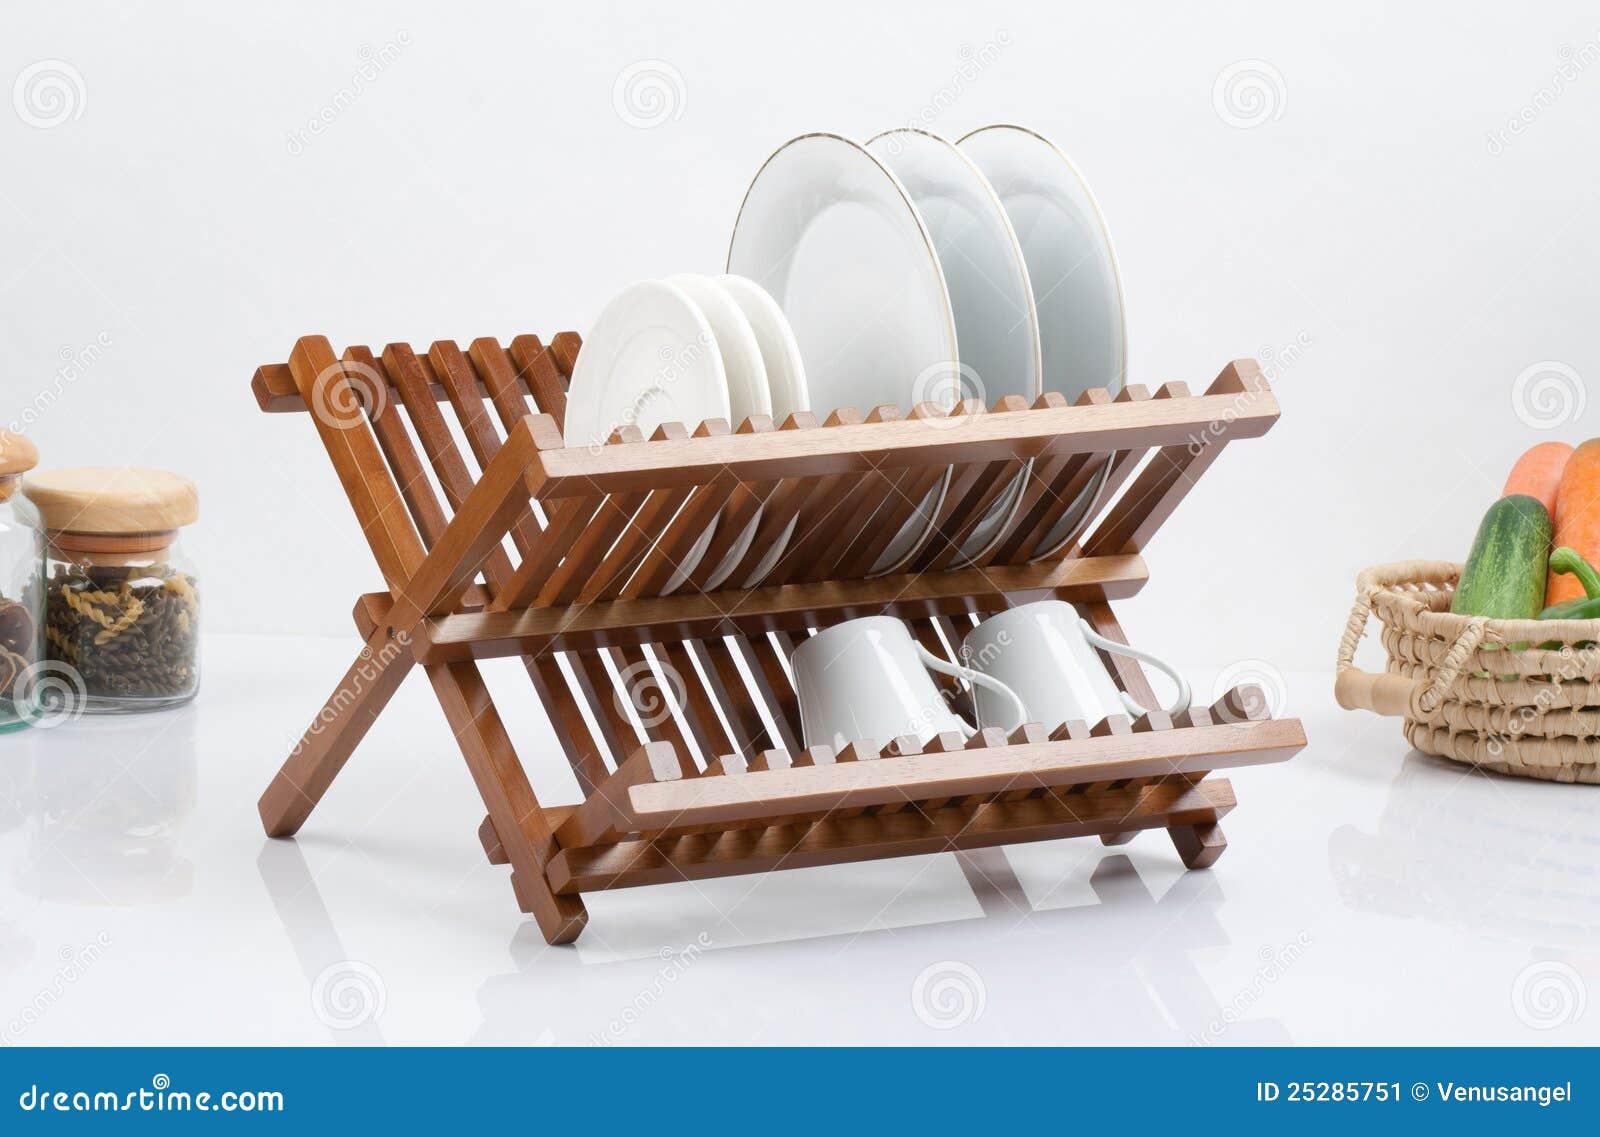 petite tag re en bois image stock image 25285751. Black Bedroom Furniture Sets. Home Design Ideas